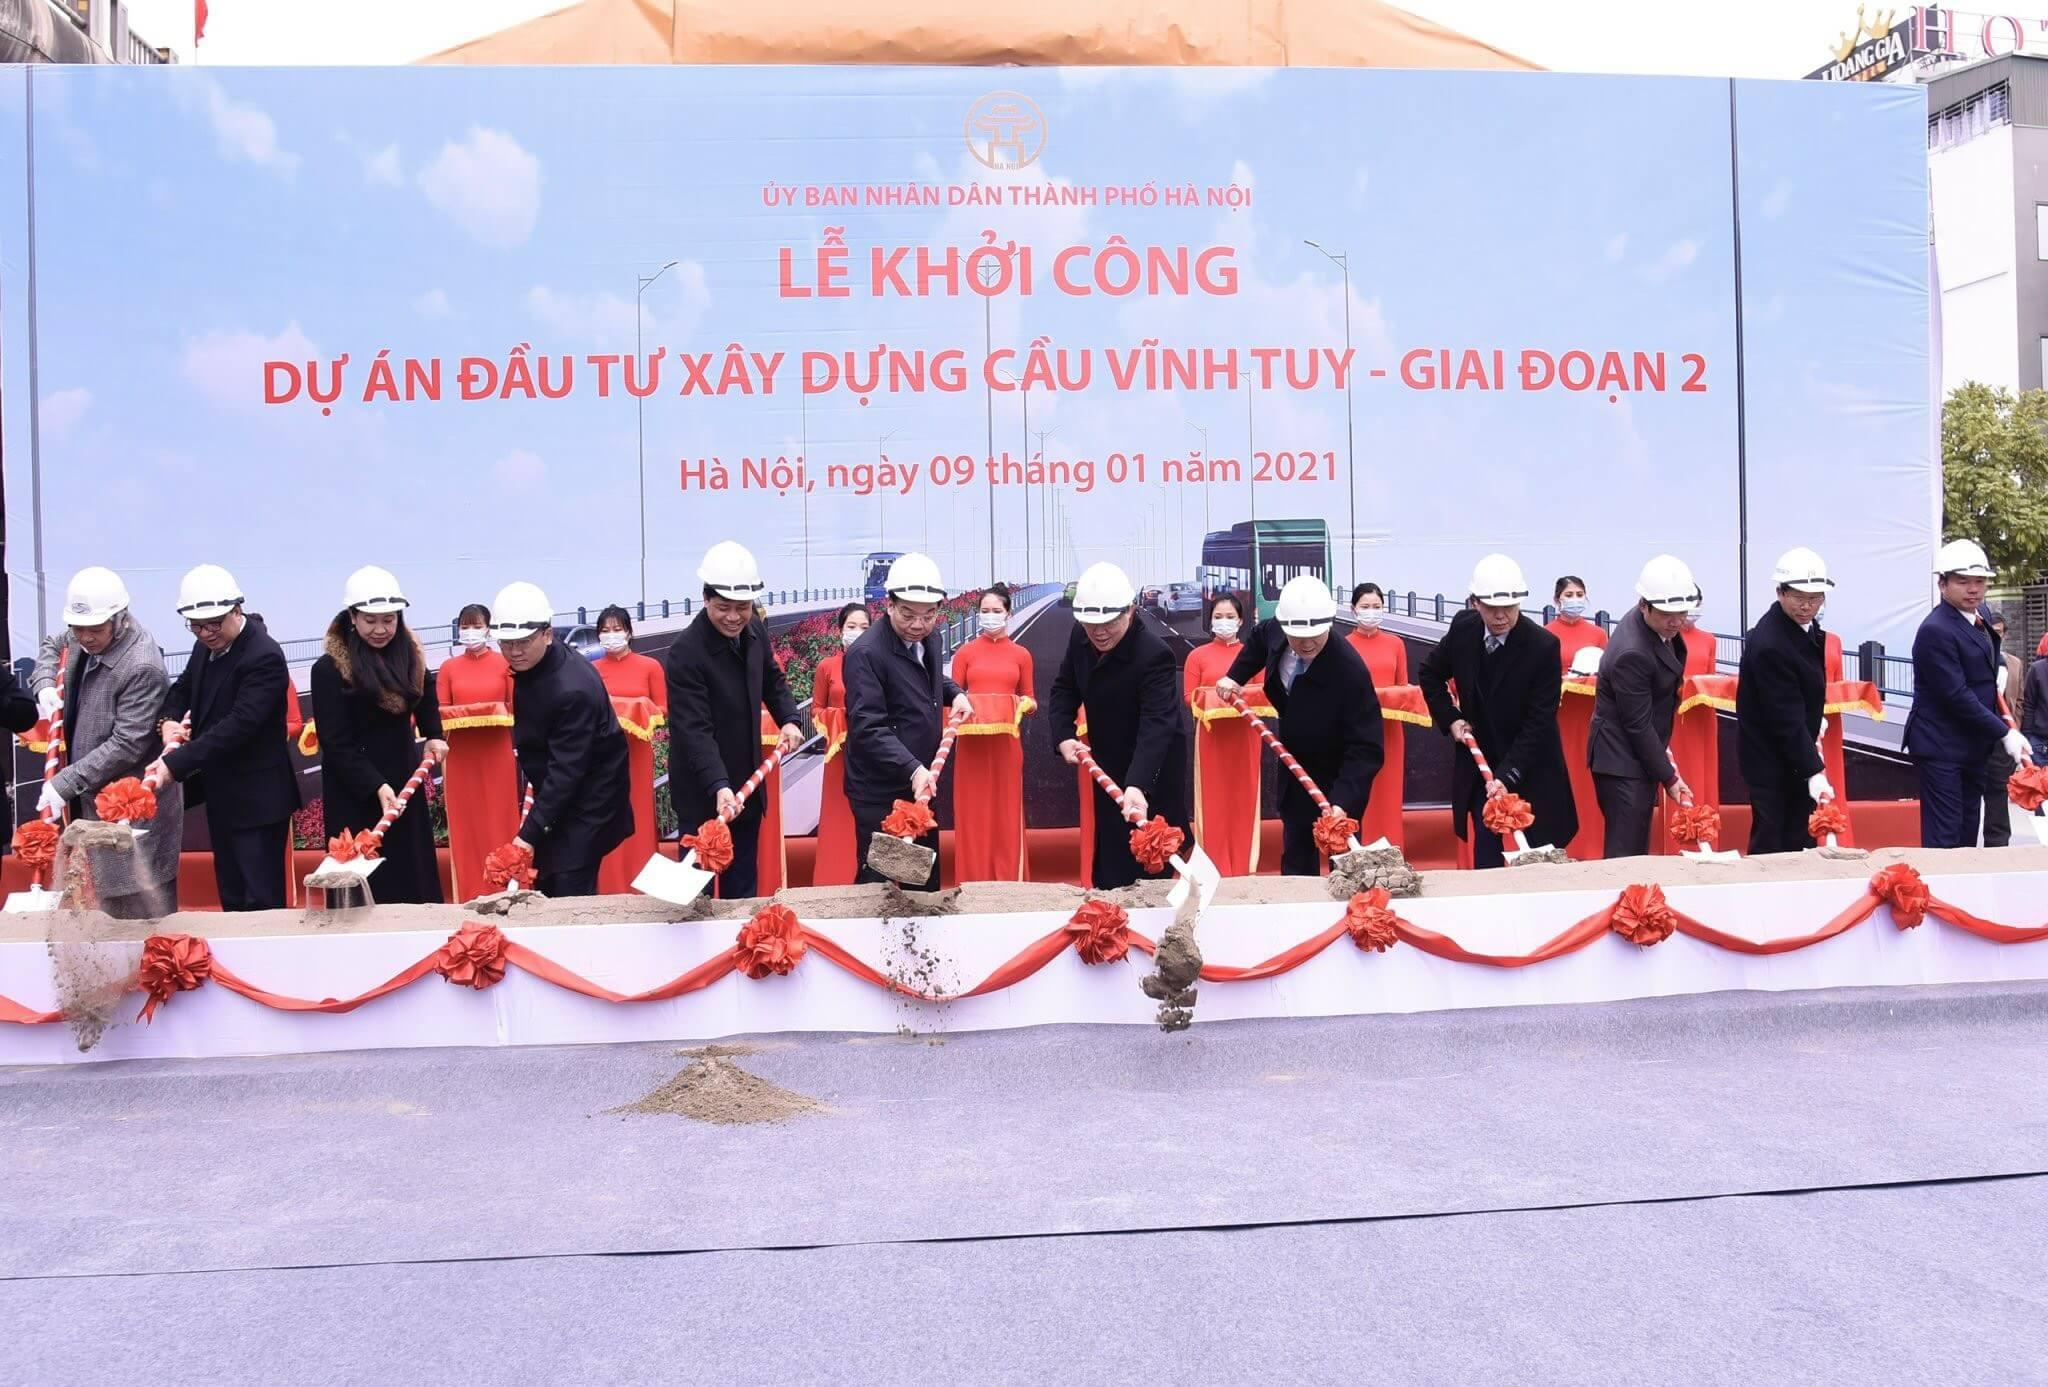 Lễ khởi công dự án cầu Vĩnh Tuy giai đoạn 2 diễn ra vào ngày 9/1/2021.